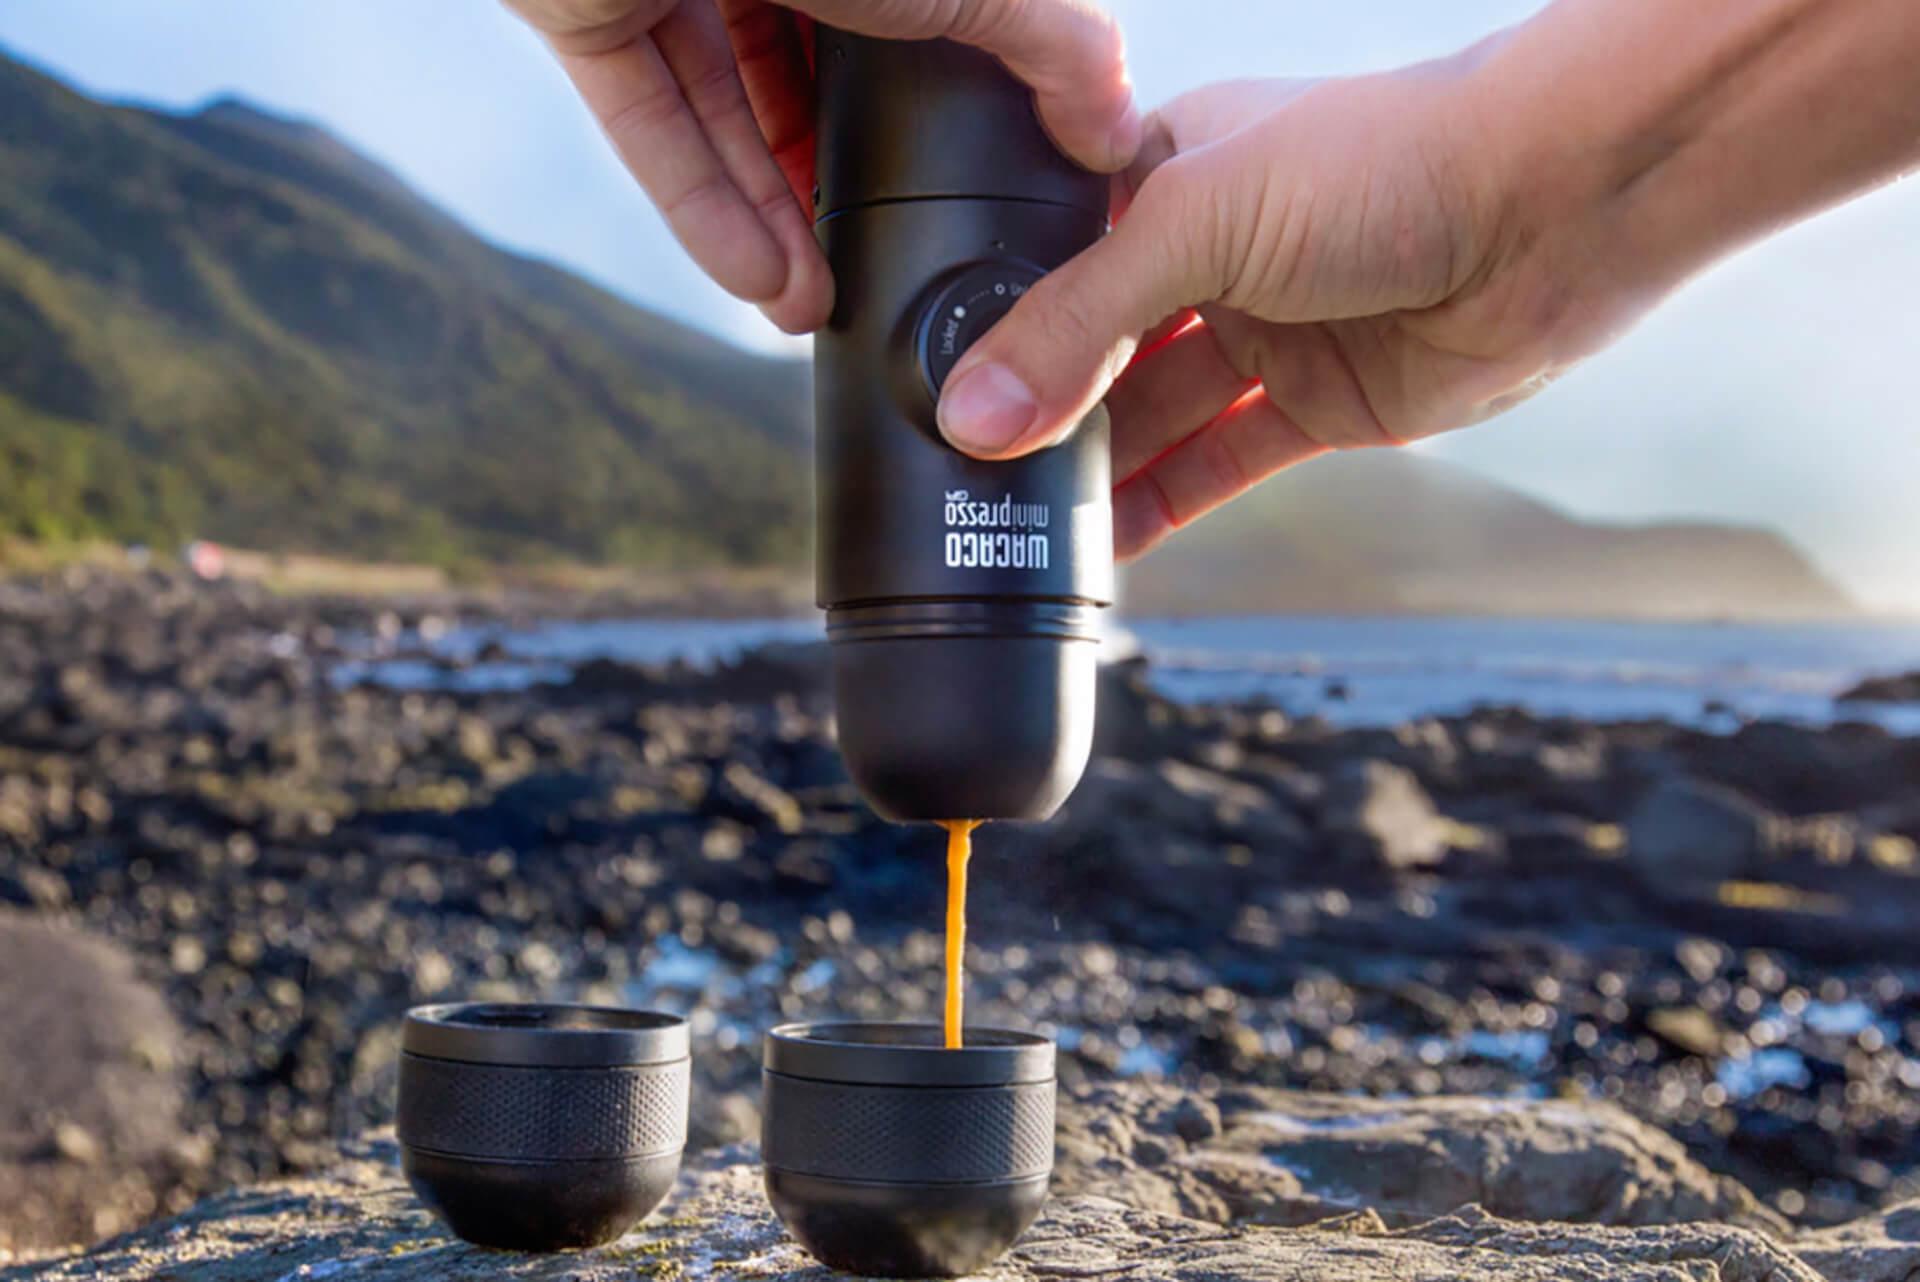 【2021年・コーヒーギア特集】アウトドア&自宅で極上のコーヒータイムを!機能的ギア&厳選コーヒー豆特集 gourmet210303_jeep_coffee_5_2